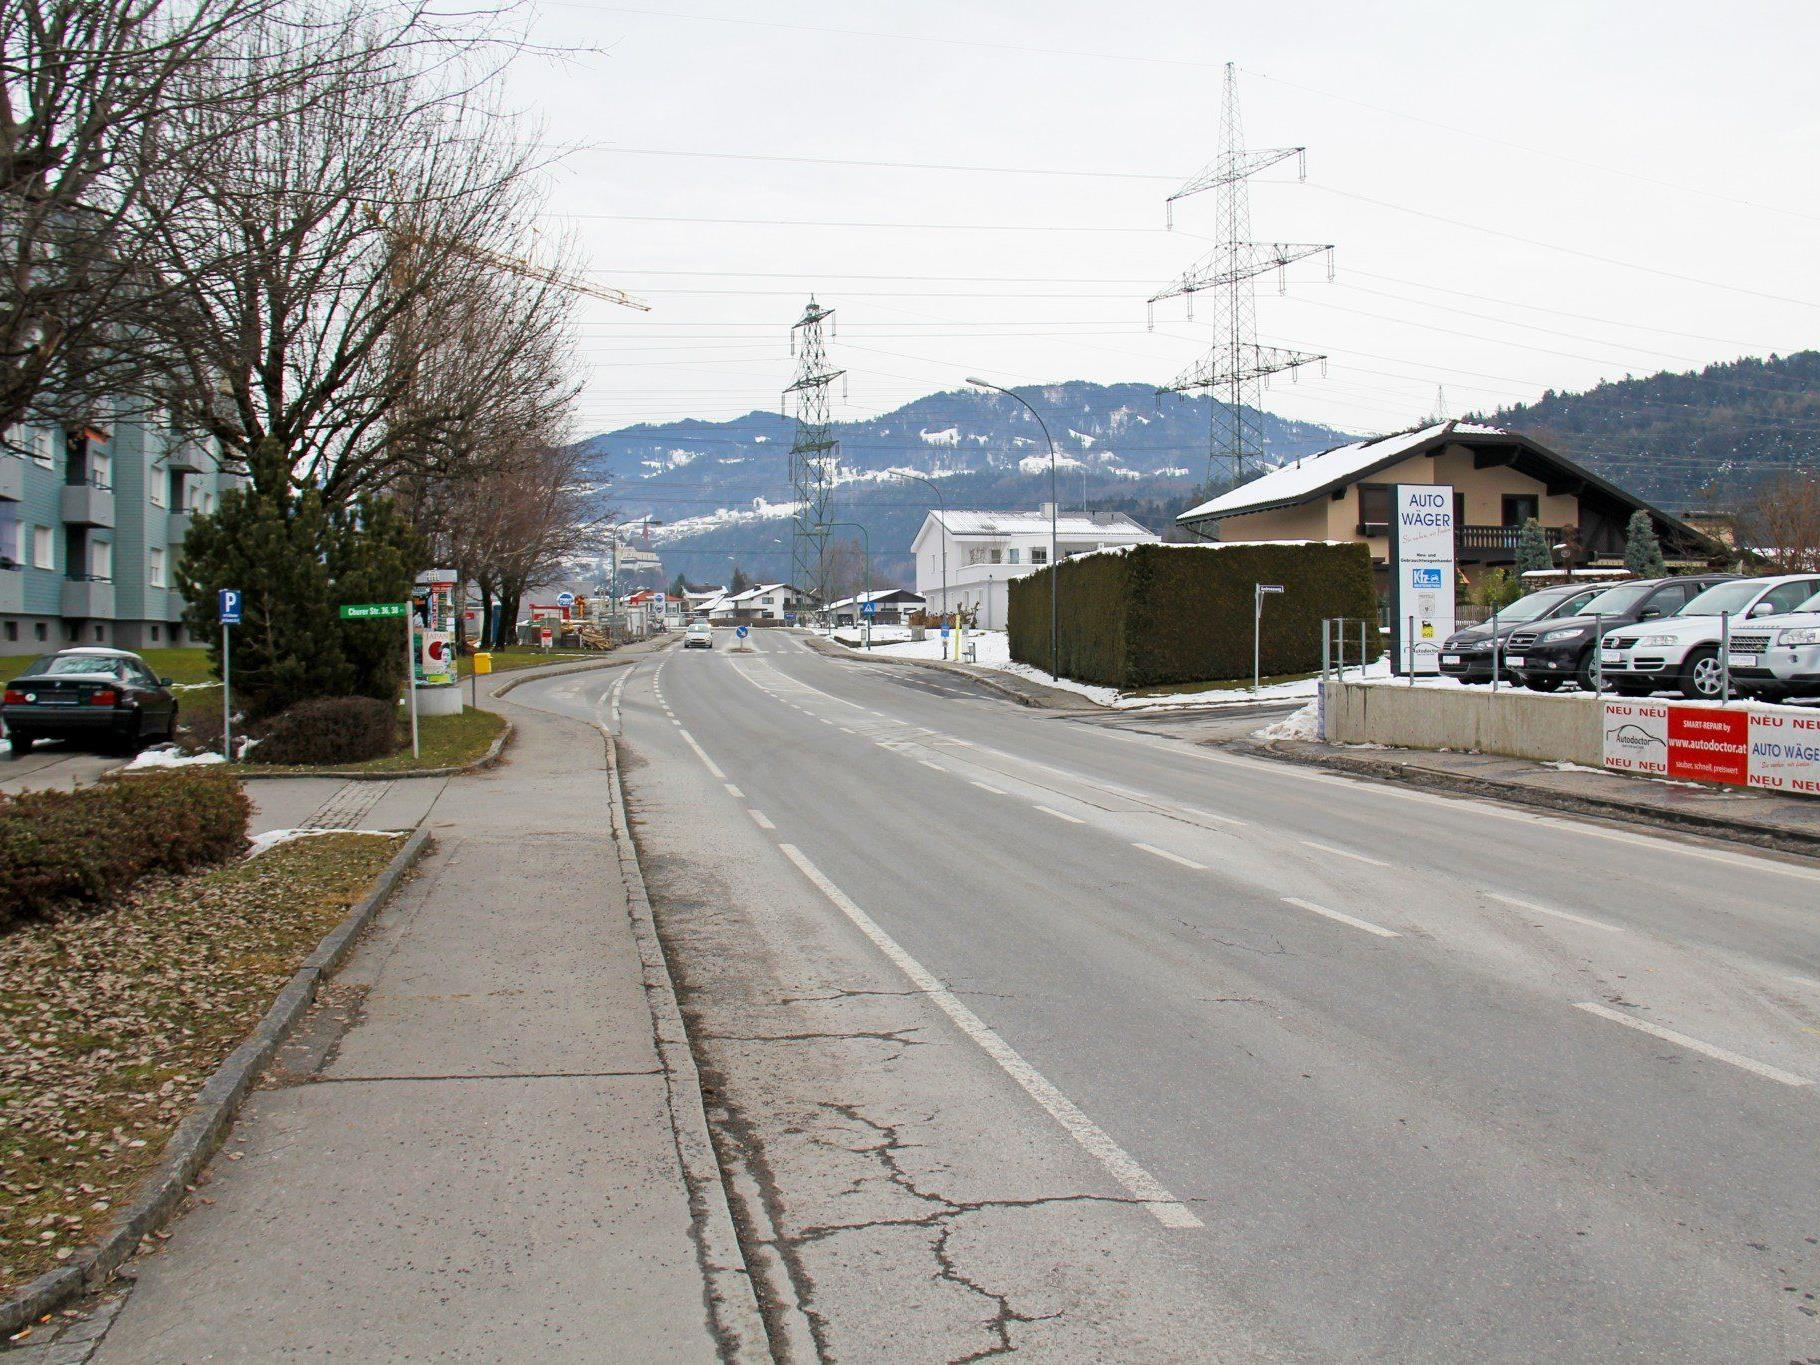 VOL.AT stellt die Straßen Vorarlbergs in einer großen Serie vor.